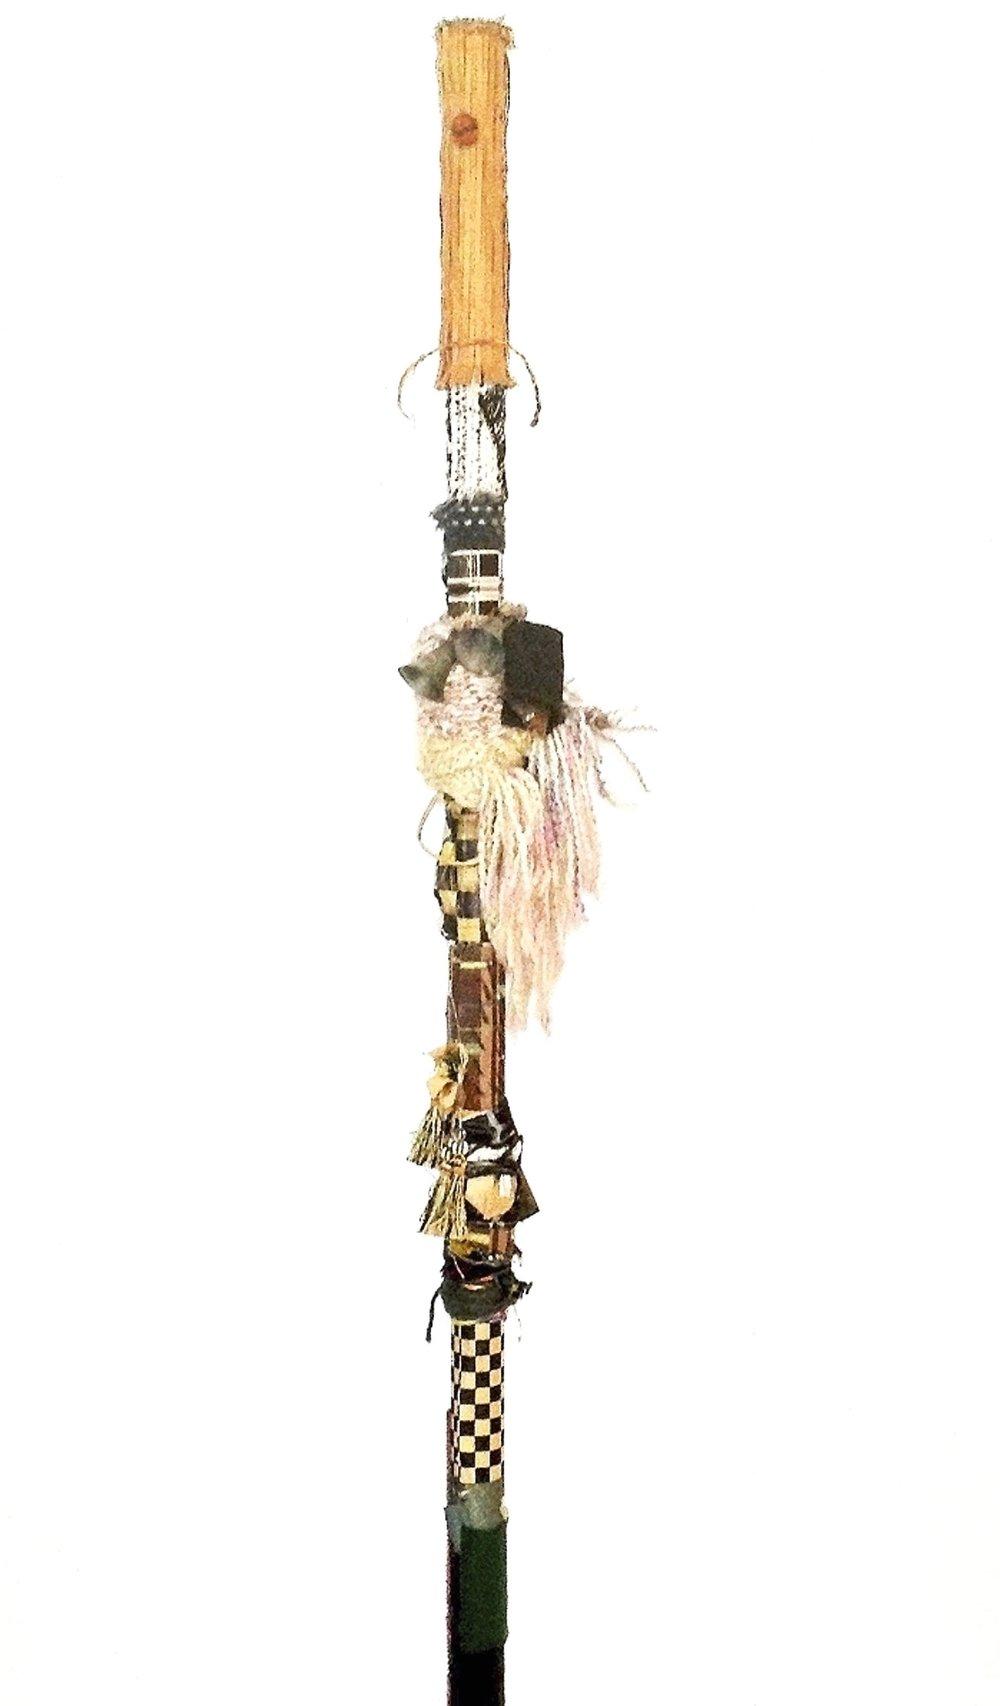 Rhythm Stomp Pole.  Rust, India bells, textiles, paper, camel-tassels, cellophane, yarn, cord, acrylic, felt on industrial cardboard, 55 x 8 in. round (139.7 x 20.3 cm.) 2015